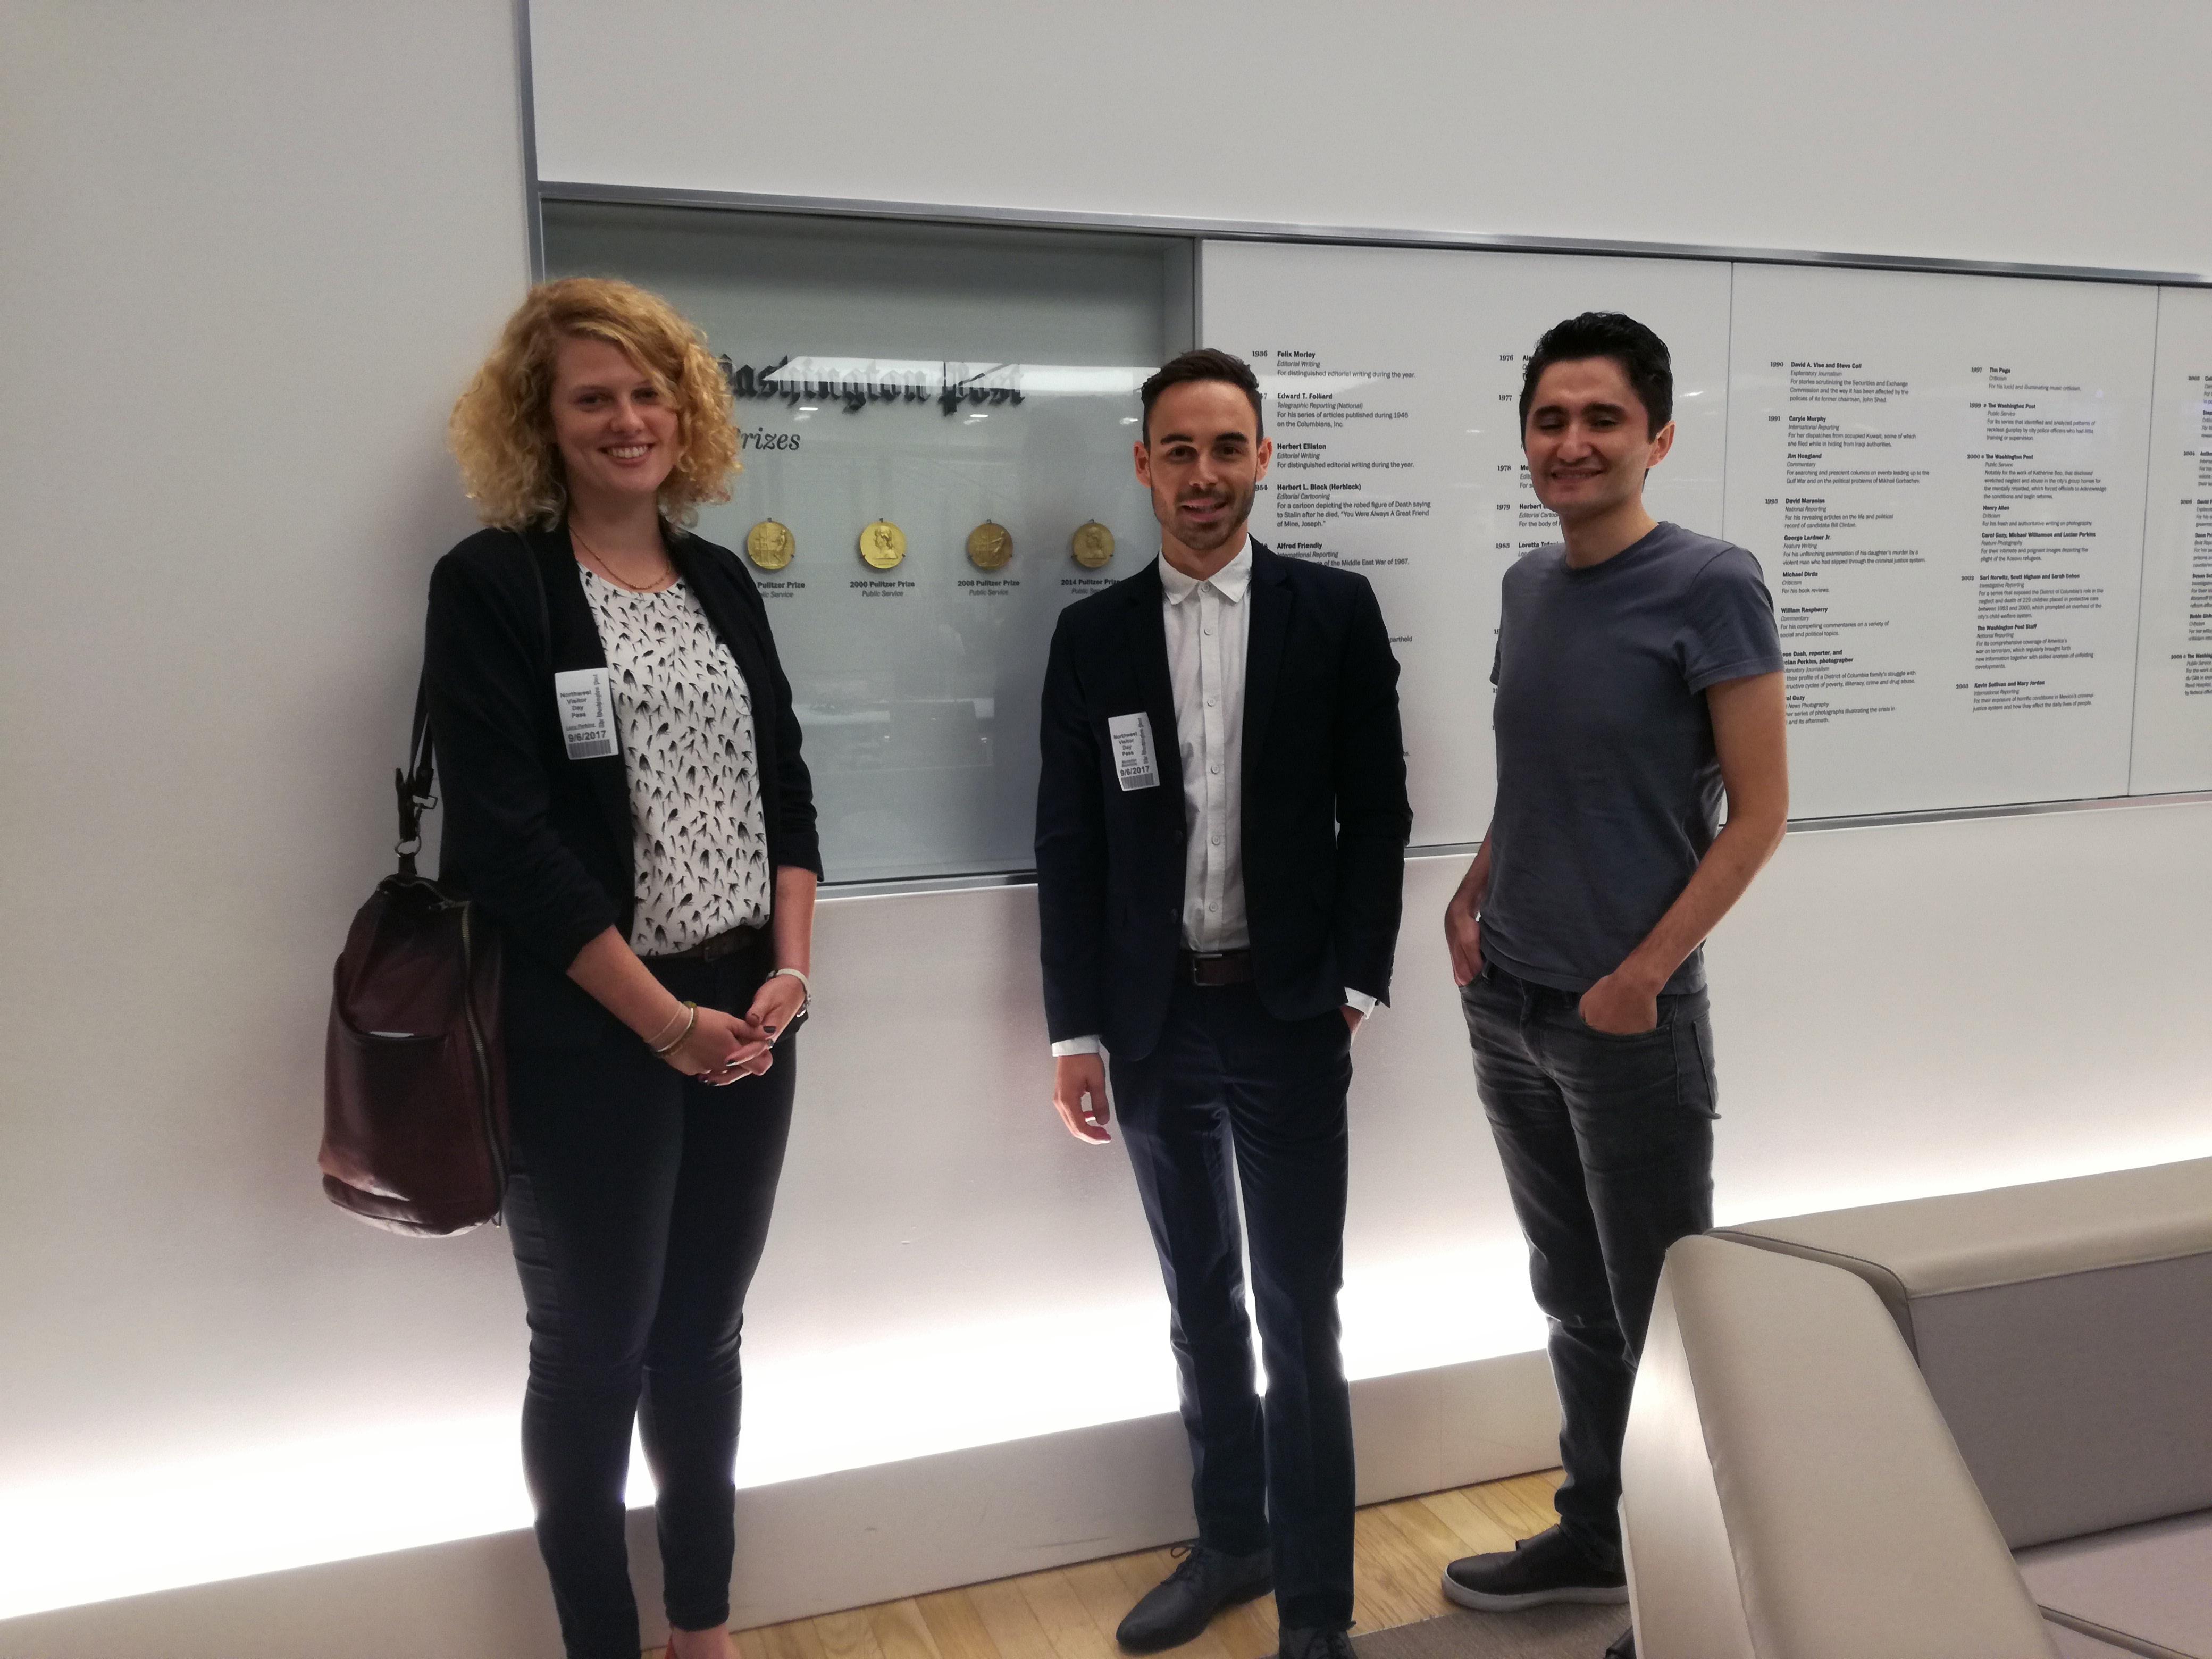 Die Fellows Lucy Perkins, Maximilian Mayerhofer und Köksal Baltaci zu Besuch bei der Washington Post.